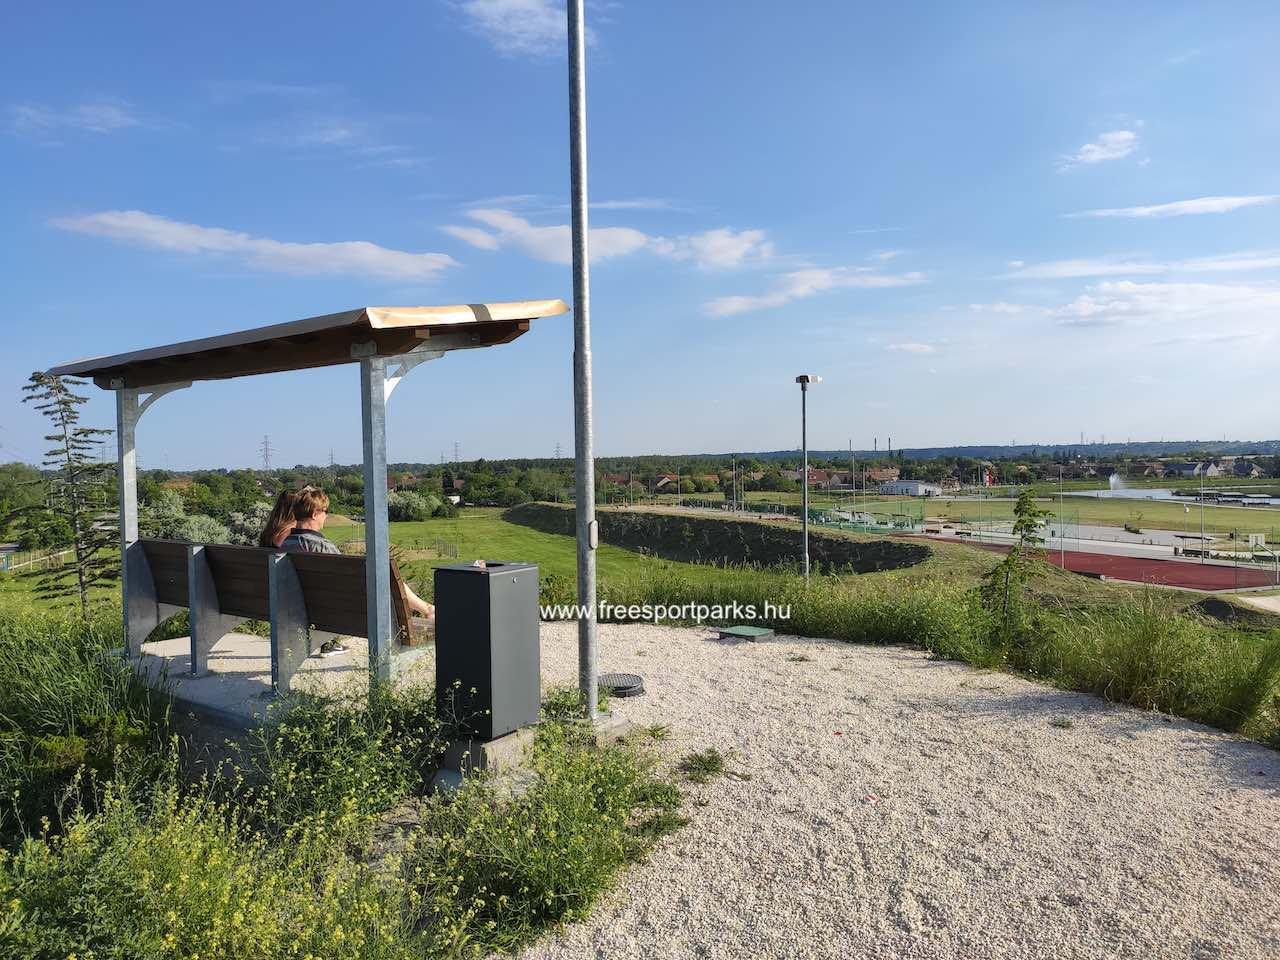 kilátó-domb - Érdliget szabadidőpark - Free Sport Parks térkép